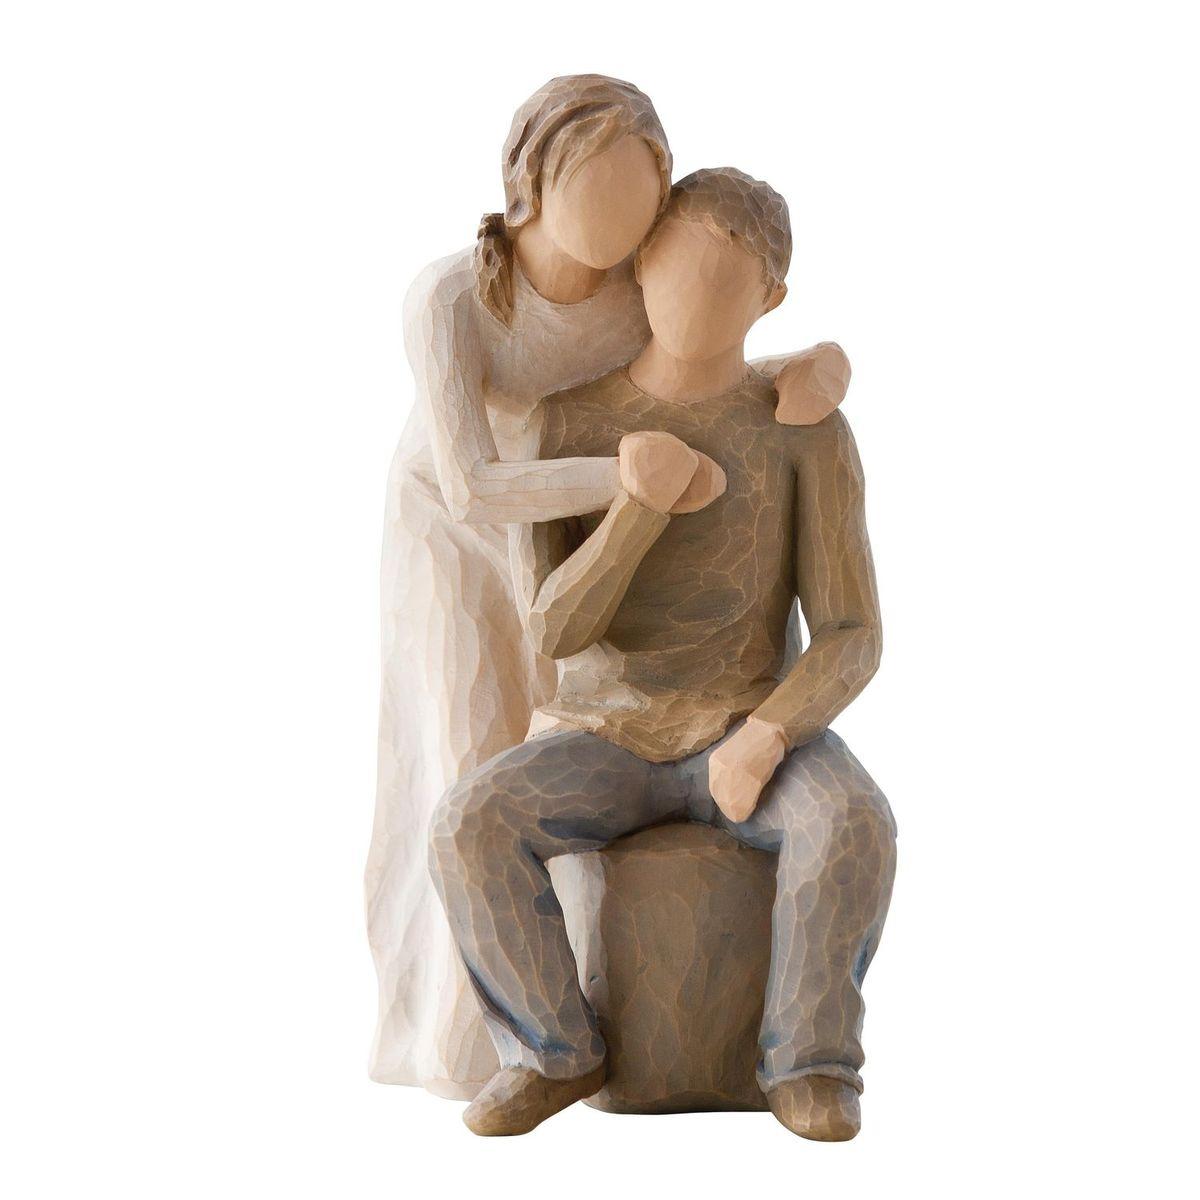 Фигурка Willow Tree Вы и я, 17 см26439Эти прекрасные статуэтки созданы канадским скульптором Сьюзан Лорди. Каждая фигурка – это настоящее произведение искусства, образная скульптура в миниатюре, изображающая эмоции и чувства, которые помогают нам чувствовать себя ближе к другим, верить в мечту, выражать любовь. Каждая фигурка помещена в красивую упаковку. Купить такой оригинальный подарок, значит не только украсить интерьер помещения или жилой комнаты, но выразить свое глубокое отношение к любимому человеку. Этот прекрасный сувенир будет лучшим подарком на день ангела, именины, день рождения, юбилей. Материал: Искусственный камень (49% карбонат кальция мелкозернистой разновидности, 51% искусственный камень)